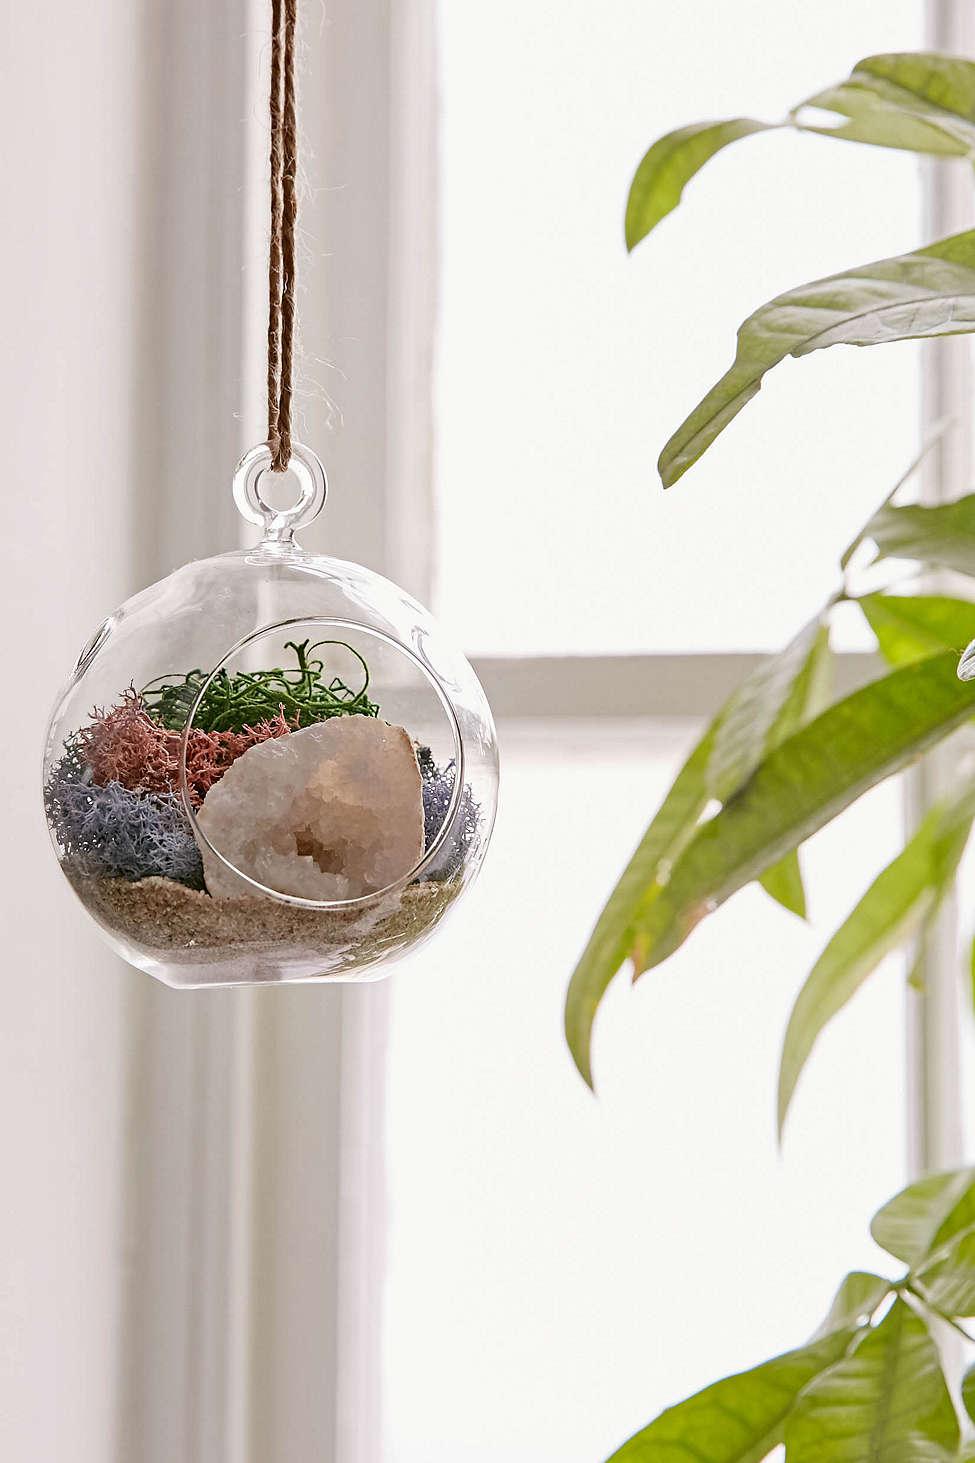 Hanging Geode Terrarium